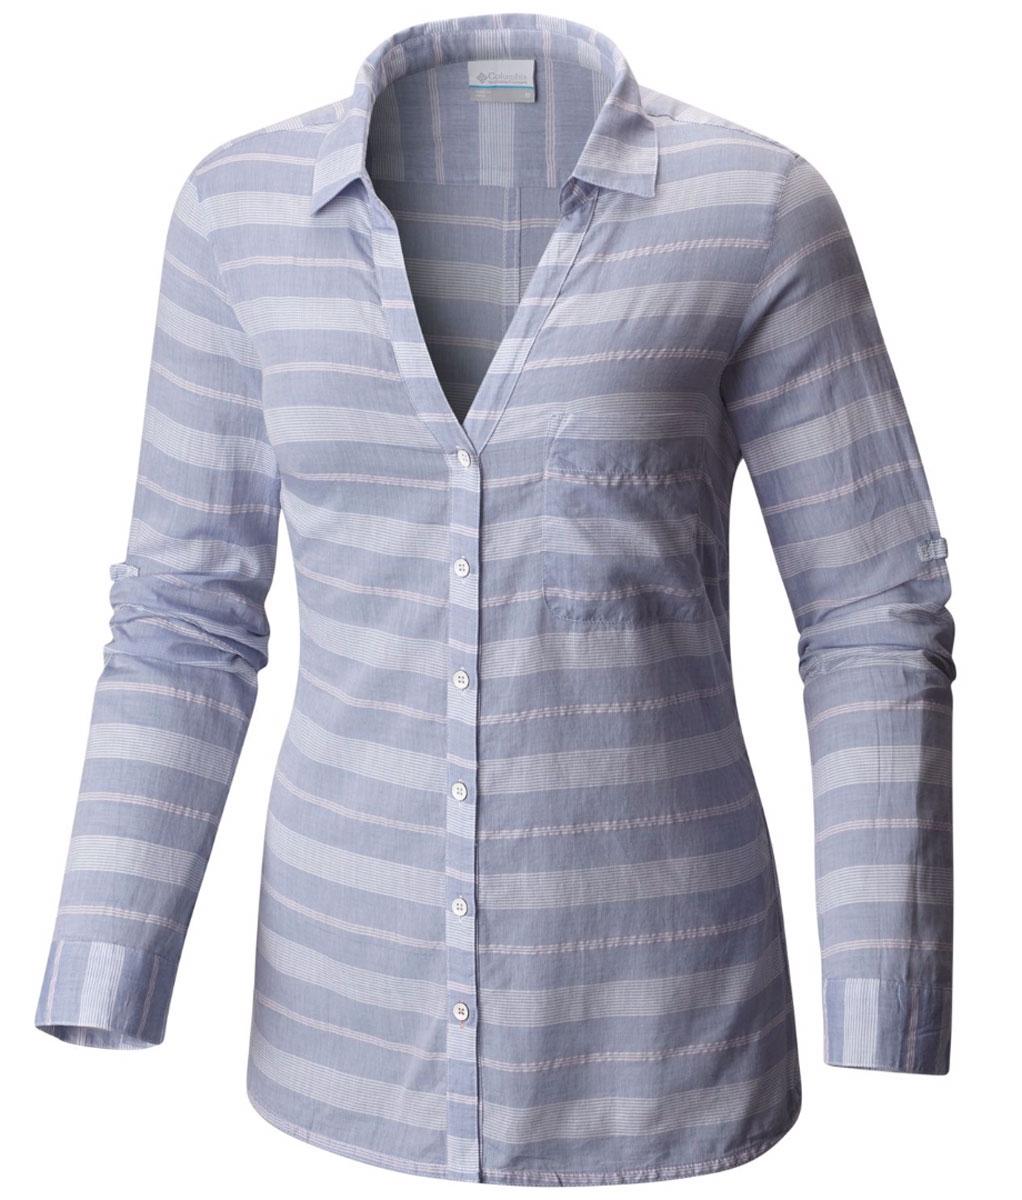 Рубашка1658941-509Женская рубашка Columbia Early Tide LS изготовлена из натурального хлопка. Модель Regular Fit с отложным воротником, V-образным вырезом и длинными закатывающимися рукавами застегивается на пуговицы. Спереди расположен накладной карман. Изделие оформлено принтом.